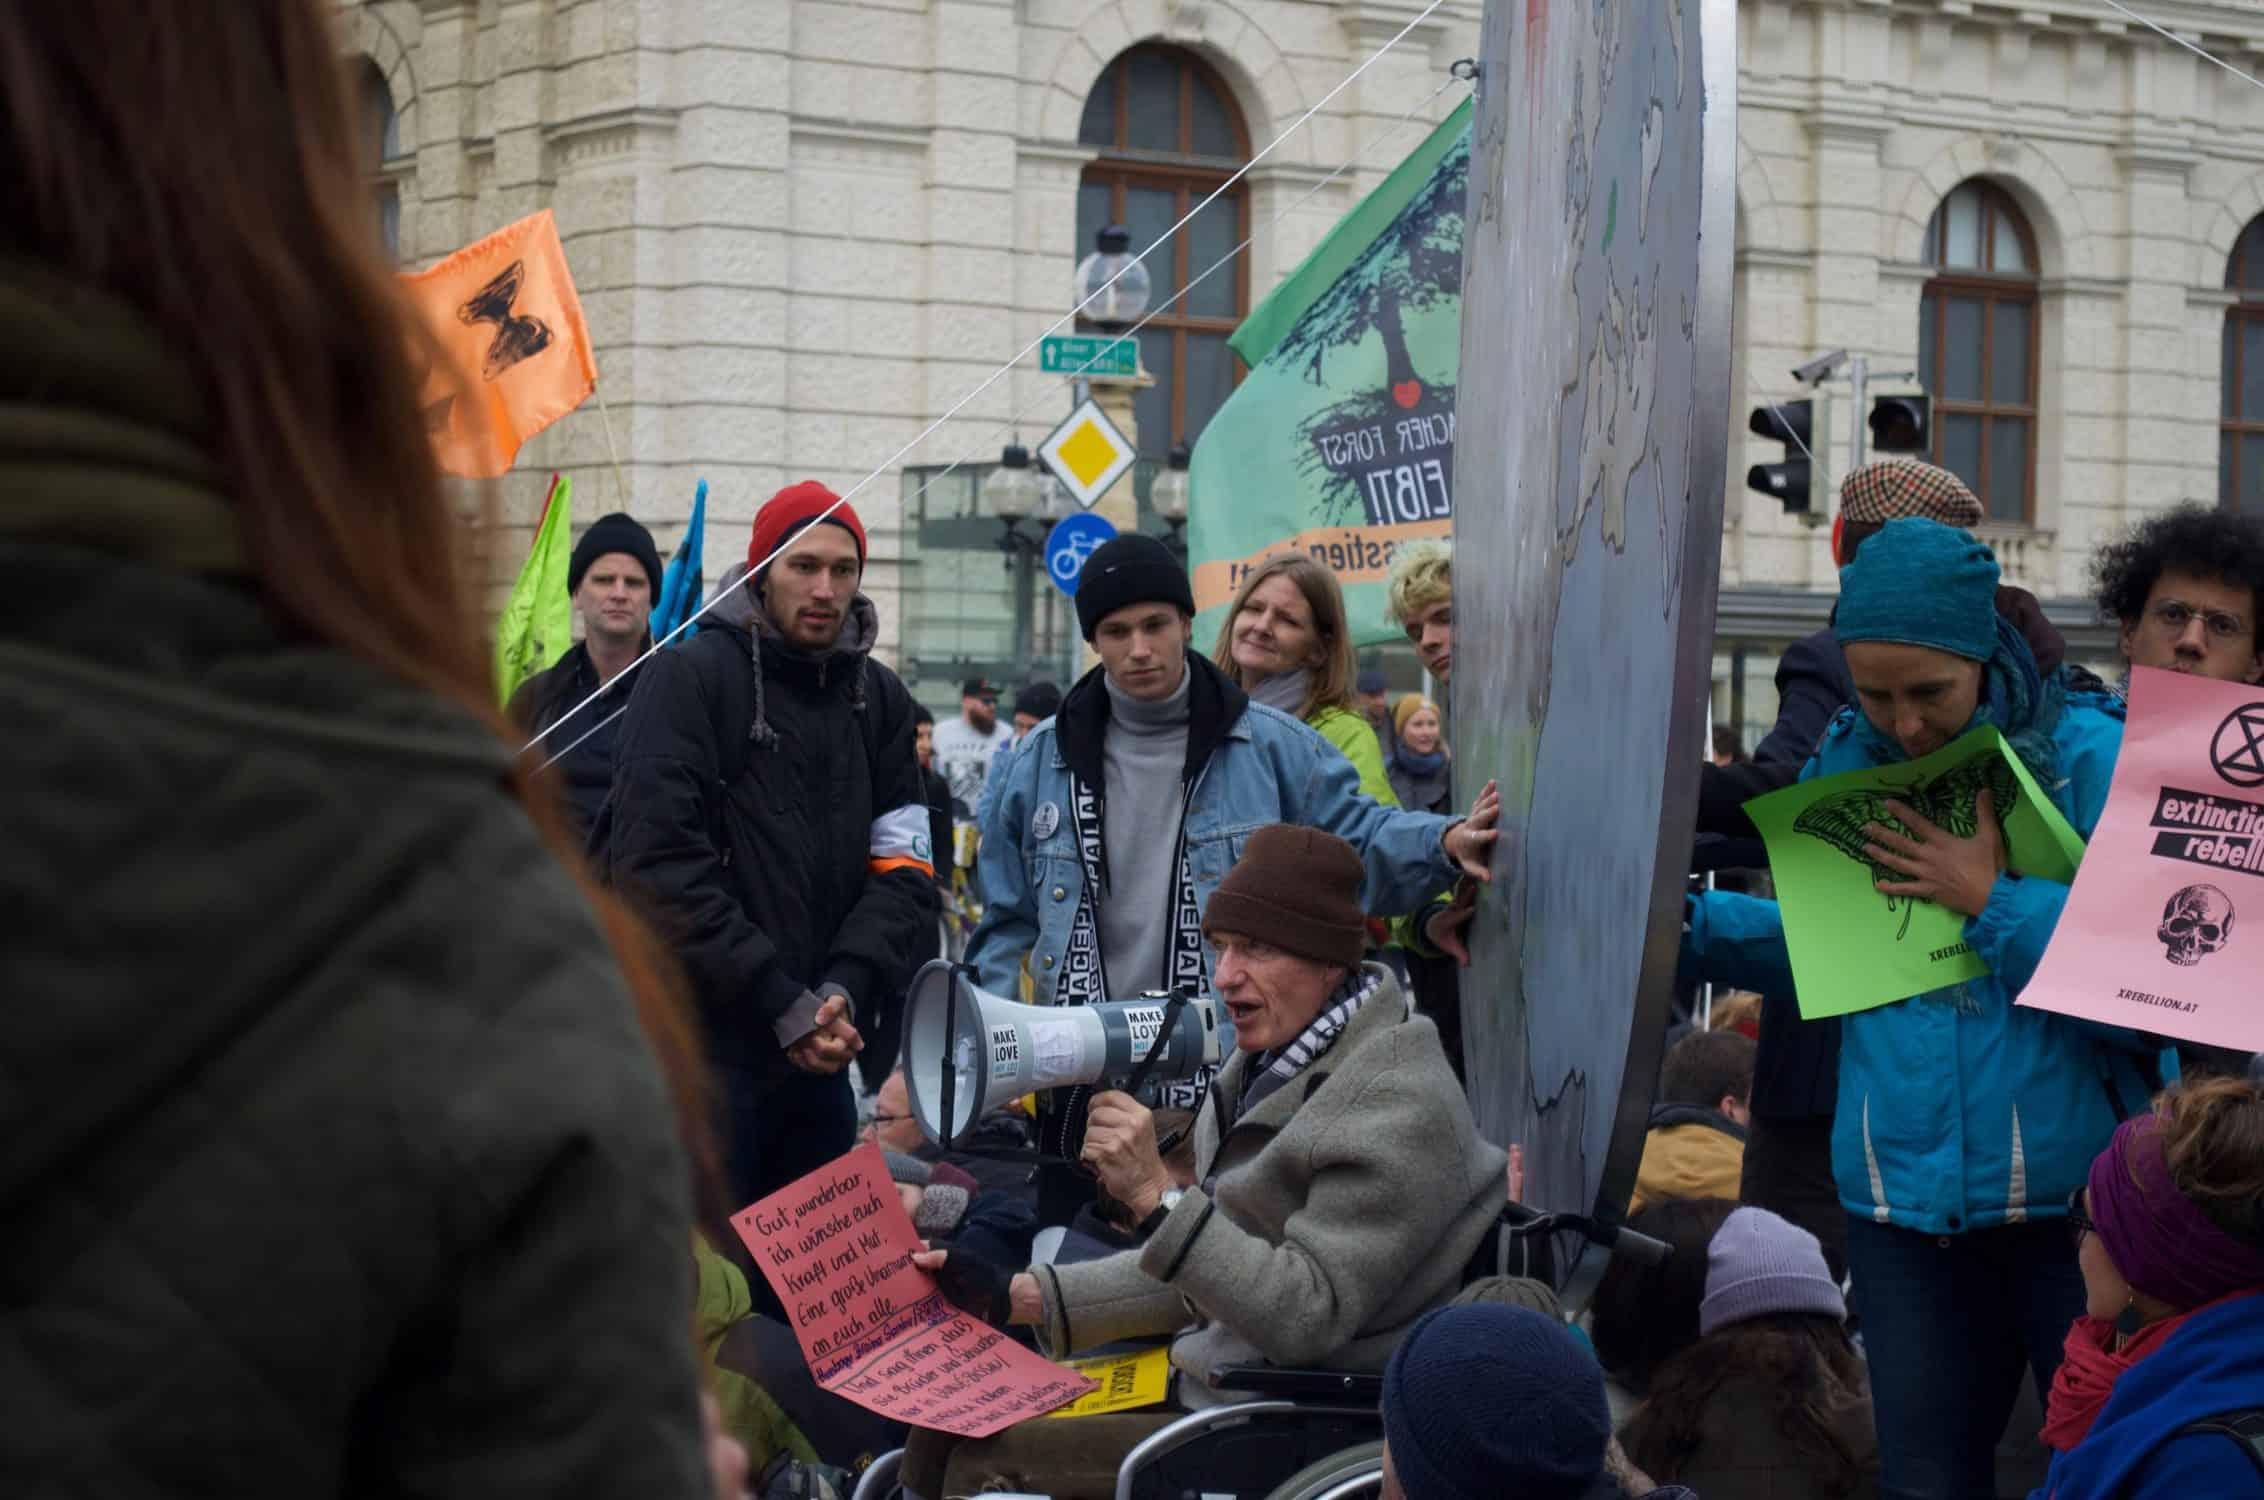 Festgeklebte XR AktivistInnen blockieren die Kreuzung Getreidemarkt/Mariahilfer Straße im Rahmen der Rebellion Week im Oktober 2019